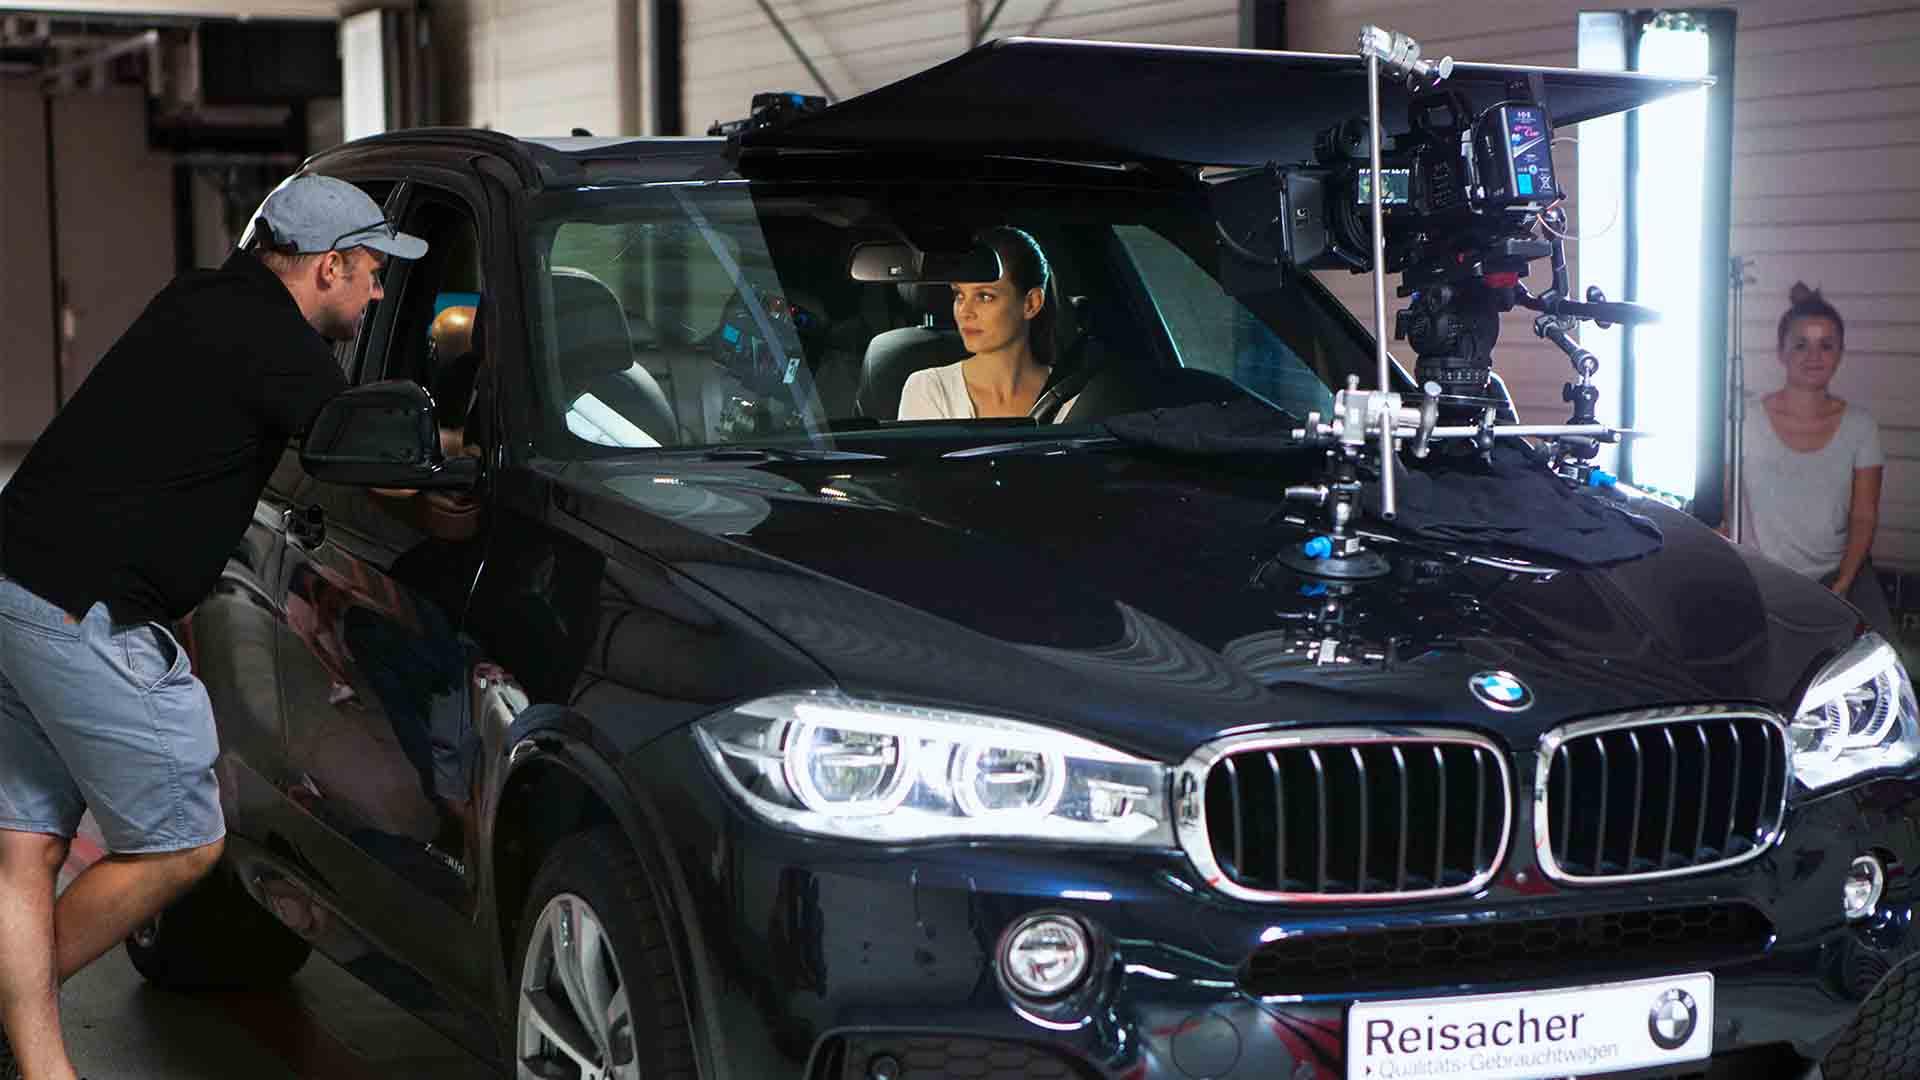 Das Bild zeigt einen schwarzen BMW. Er steht in einem Raum. Auf der Motorhaube des Autos ist eine Kamera angebracht, sie ist auf den Fahrersitz des Wagens gerichtet. Auf diesem sitzt eine Frau. Durch das Fenster an der Beifahrerseite lehnt sich ein Mann. Er spricht mit ihr. Das Bild dient als Sliderbild für den Portfolioeintrag RECARO Child Safety – Childseats Save Lives von Panda Pictures.